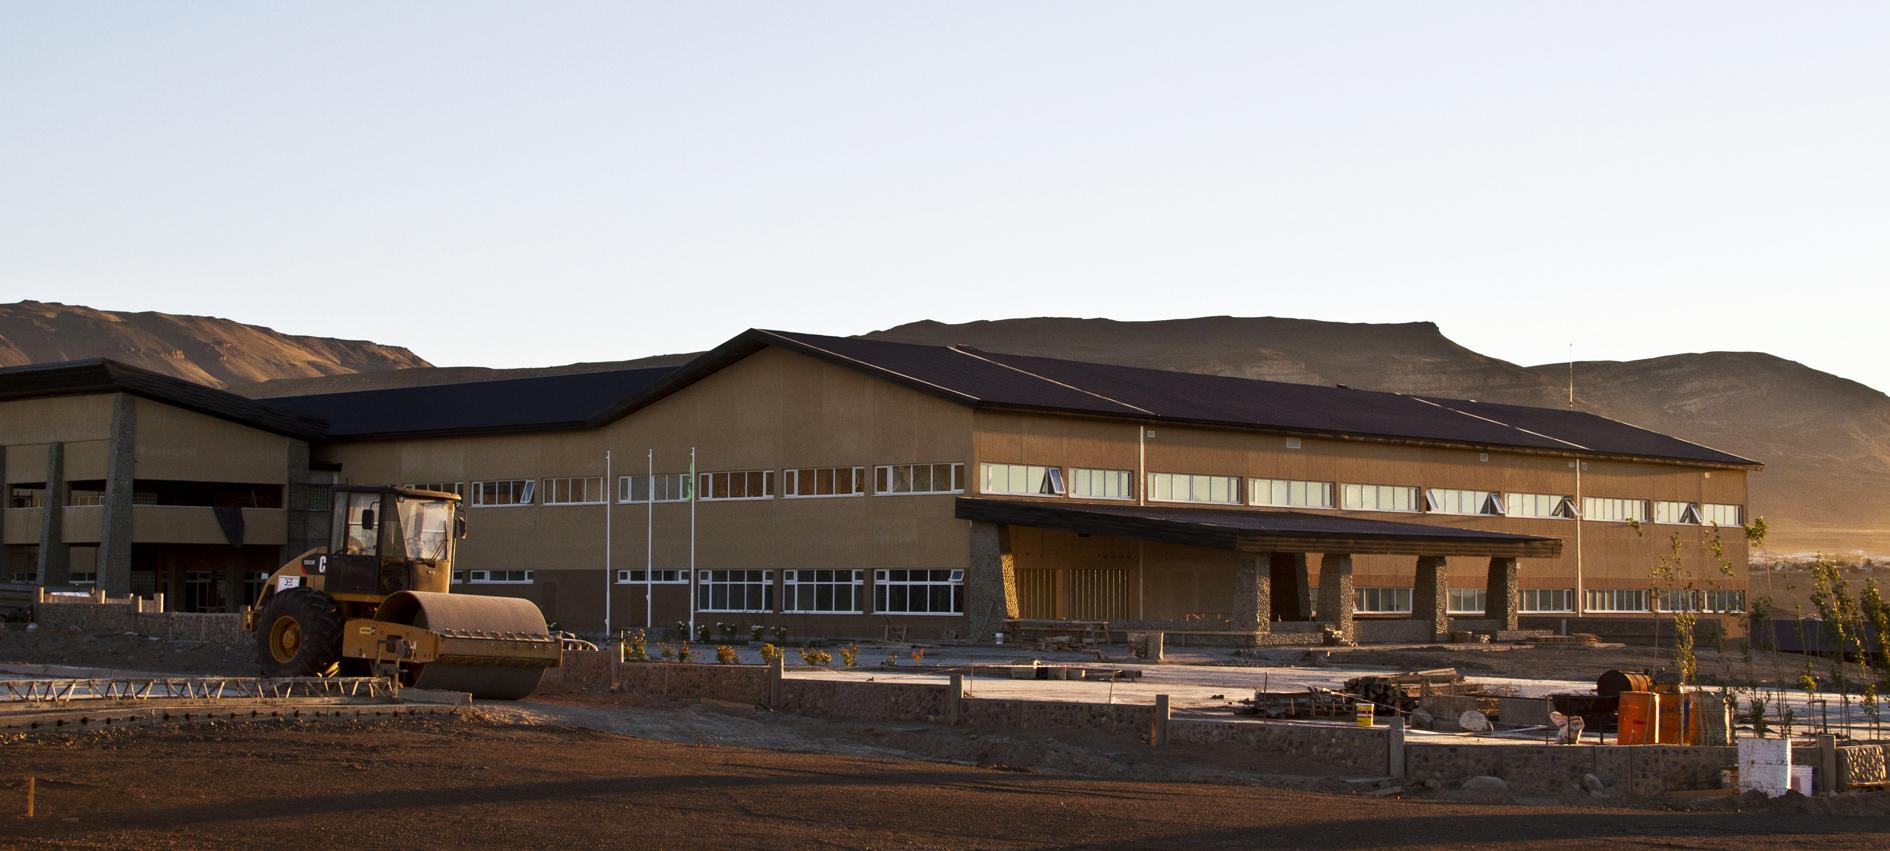 Inauguración del hospital de alta complejidad Gobernador Cepernic-Presidente Kirchner en El Calafate.